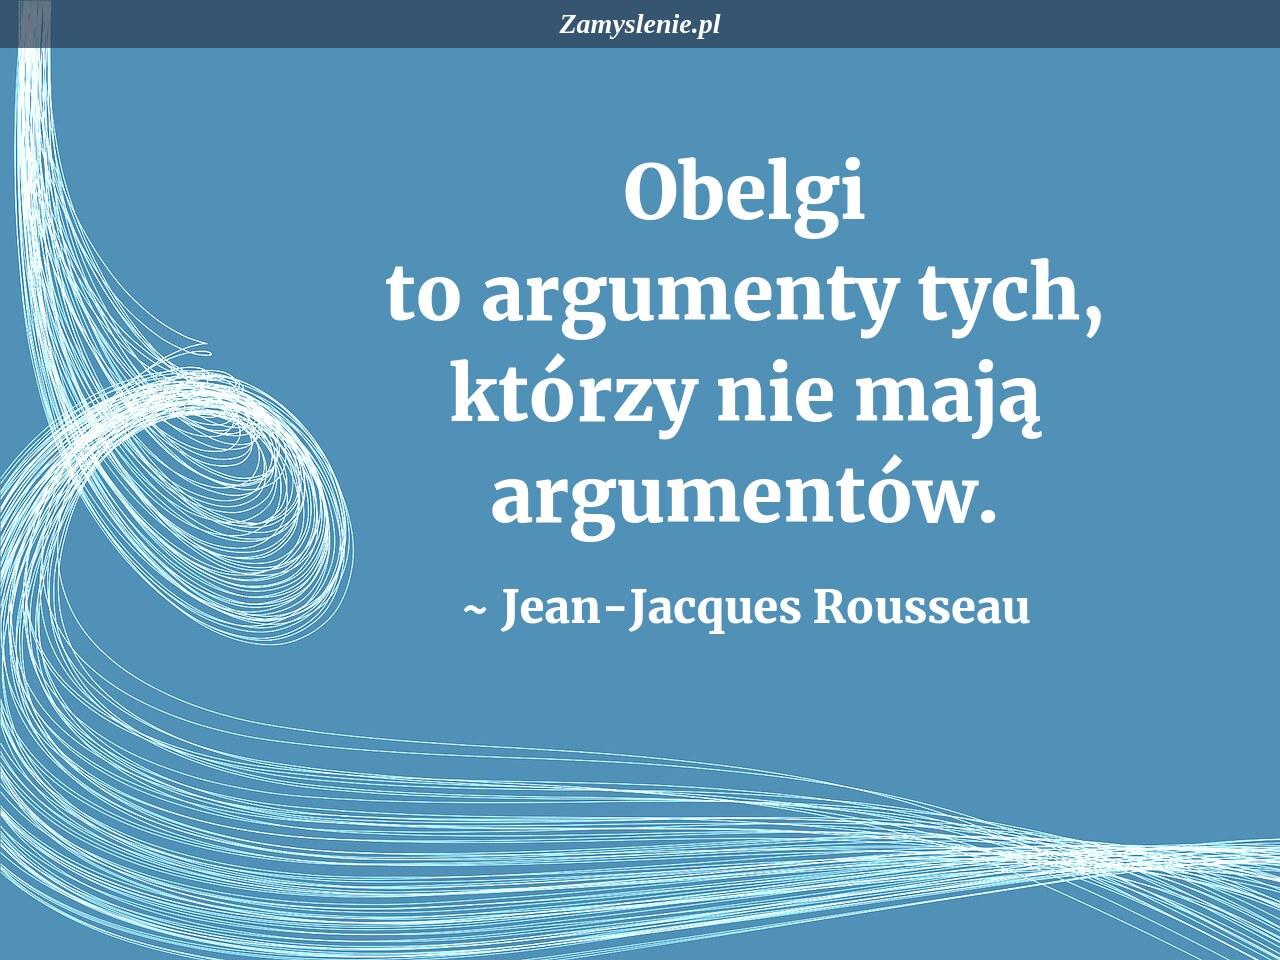 Obraz / mem do cytatu: Obelgi to argumenty tych, którzy nie mają argumentów.